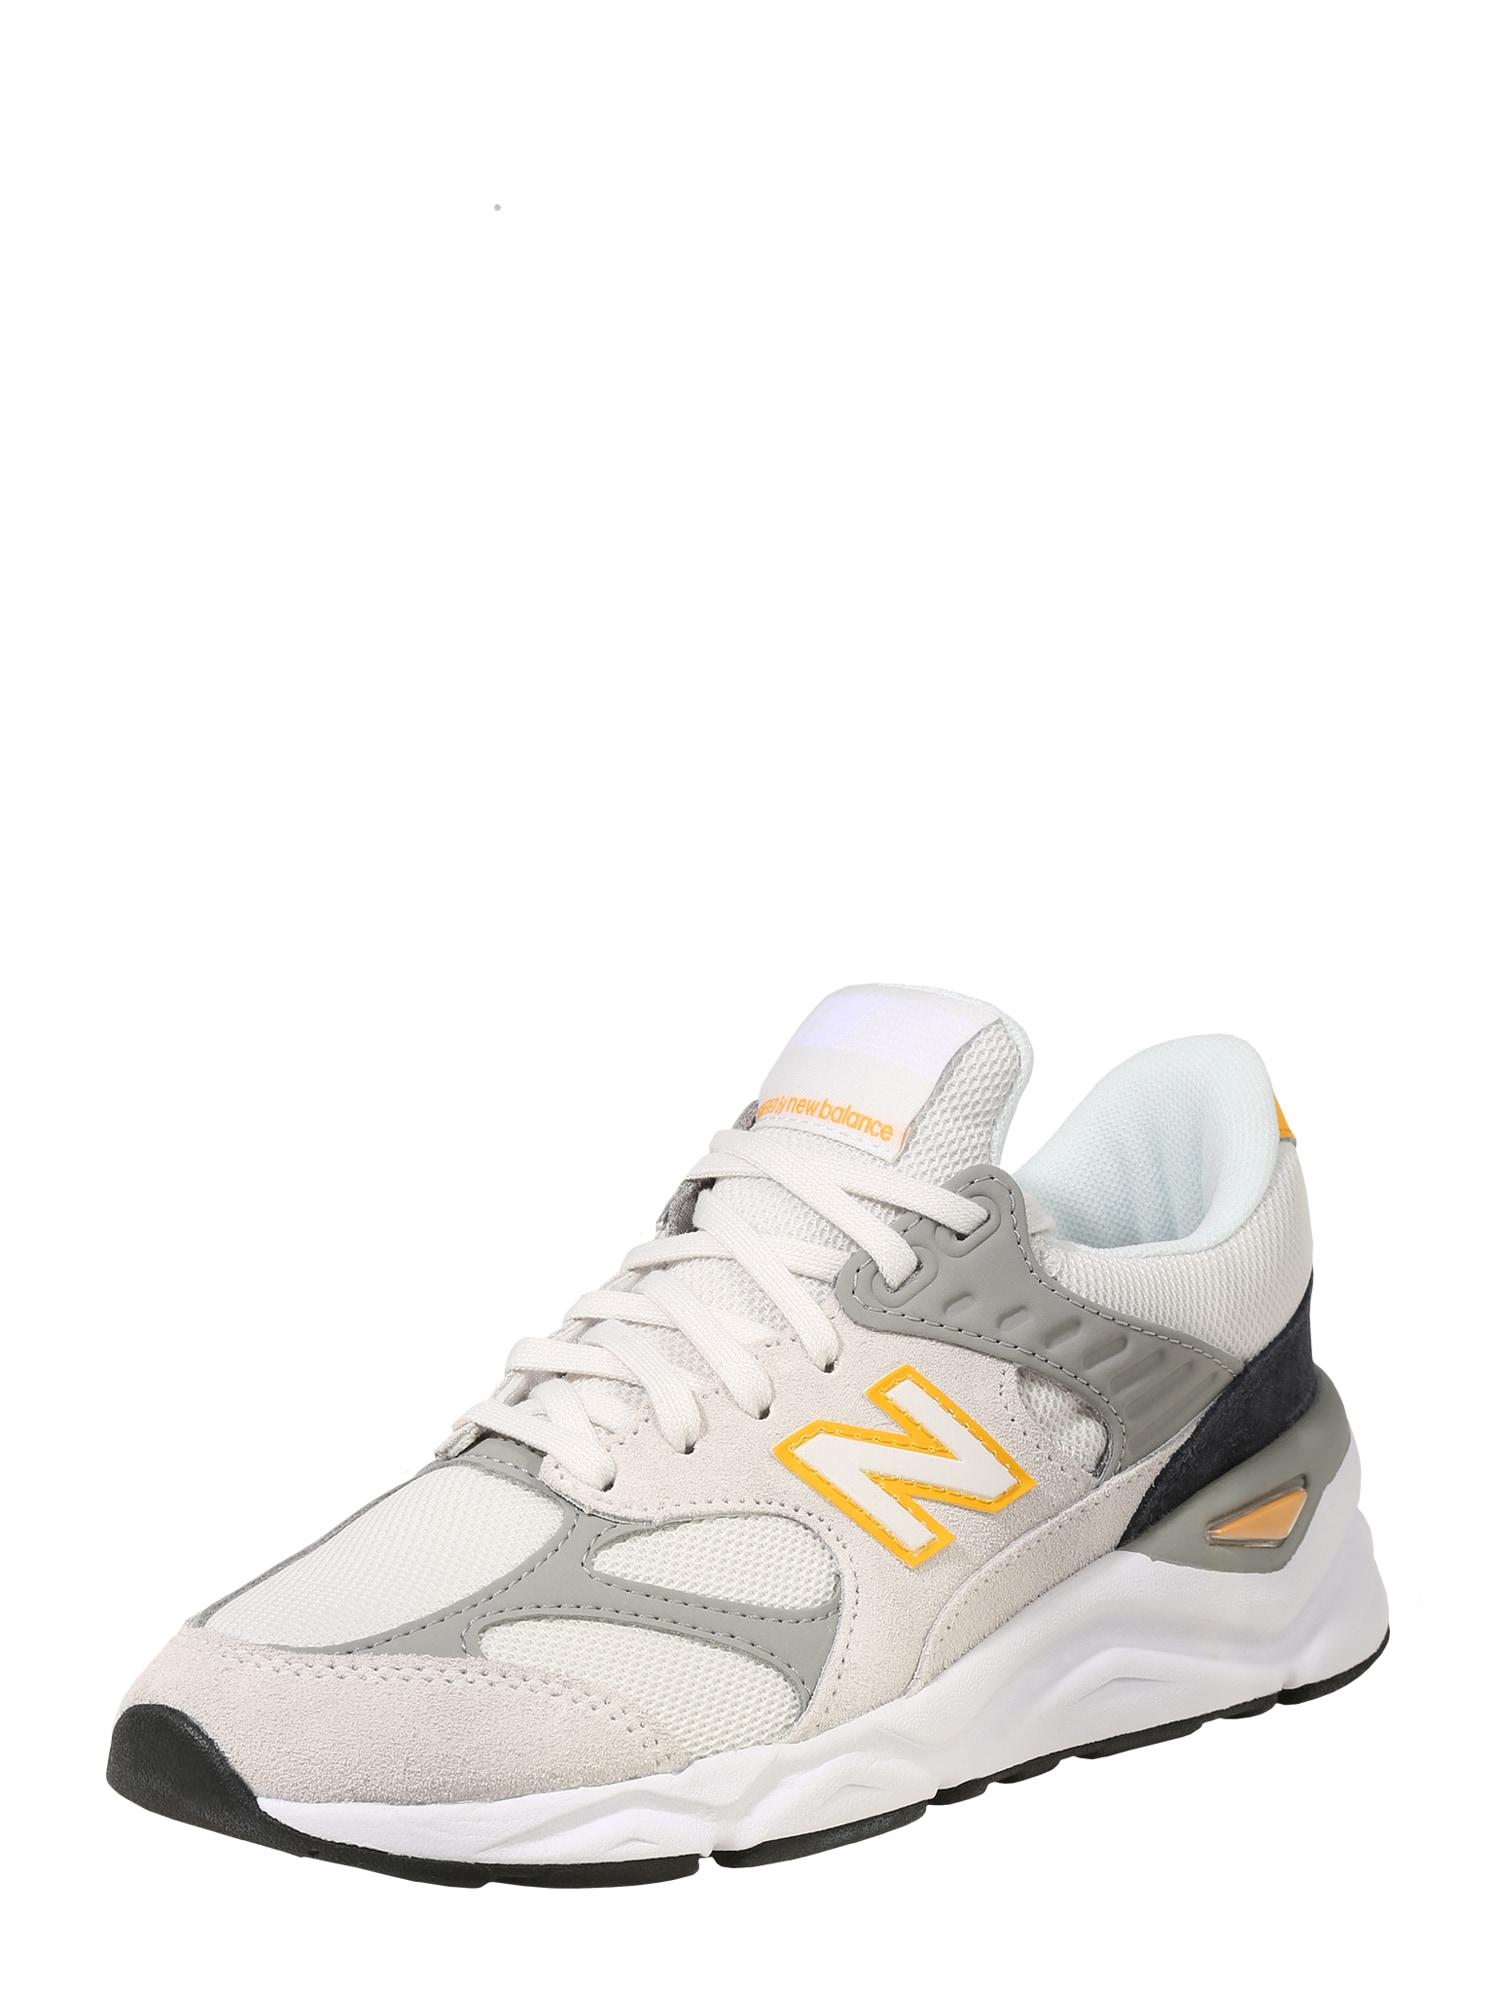 Tenisky X 90 žlutá světle šedá perlově bílá New Balance